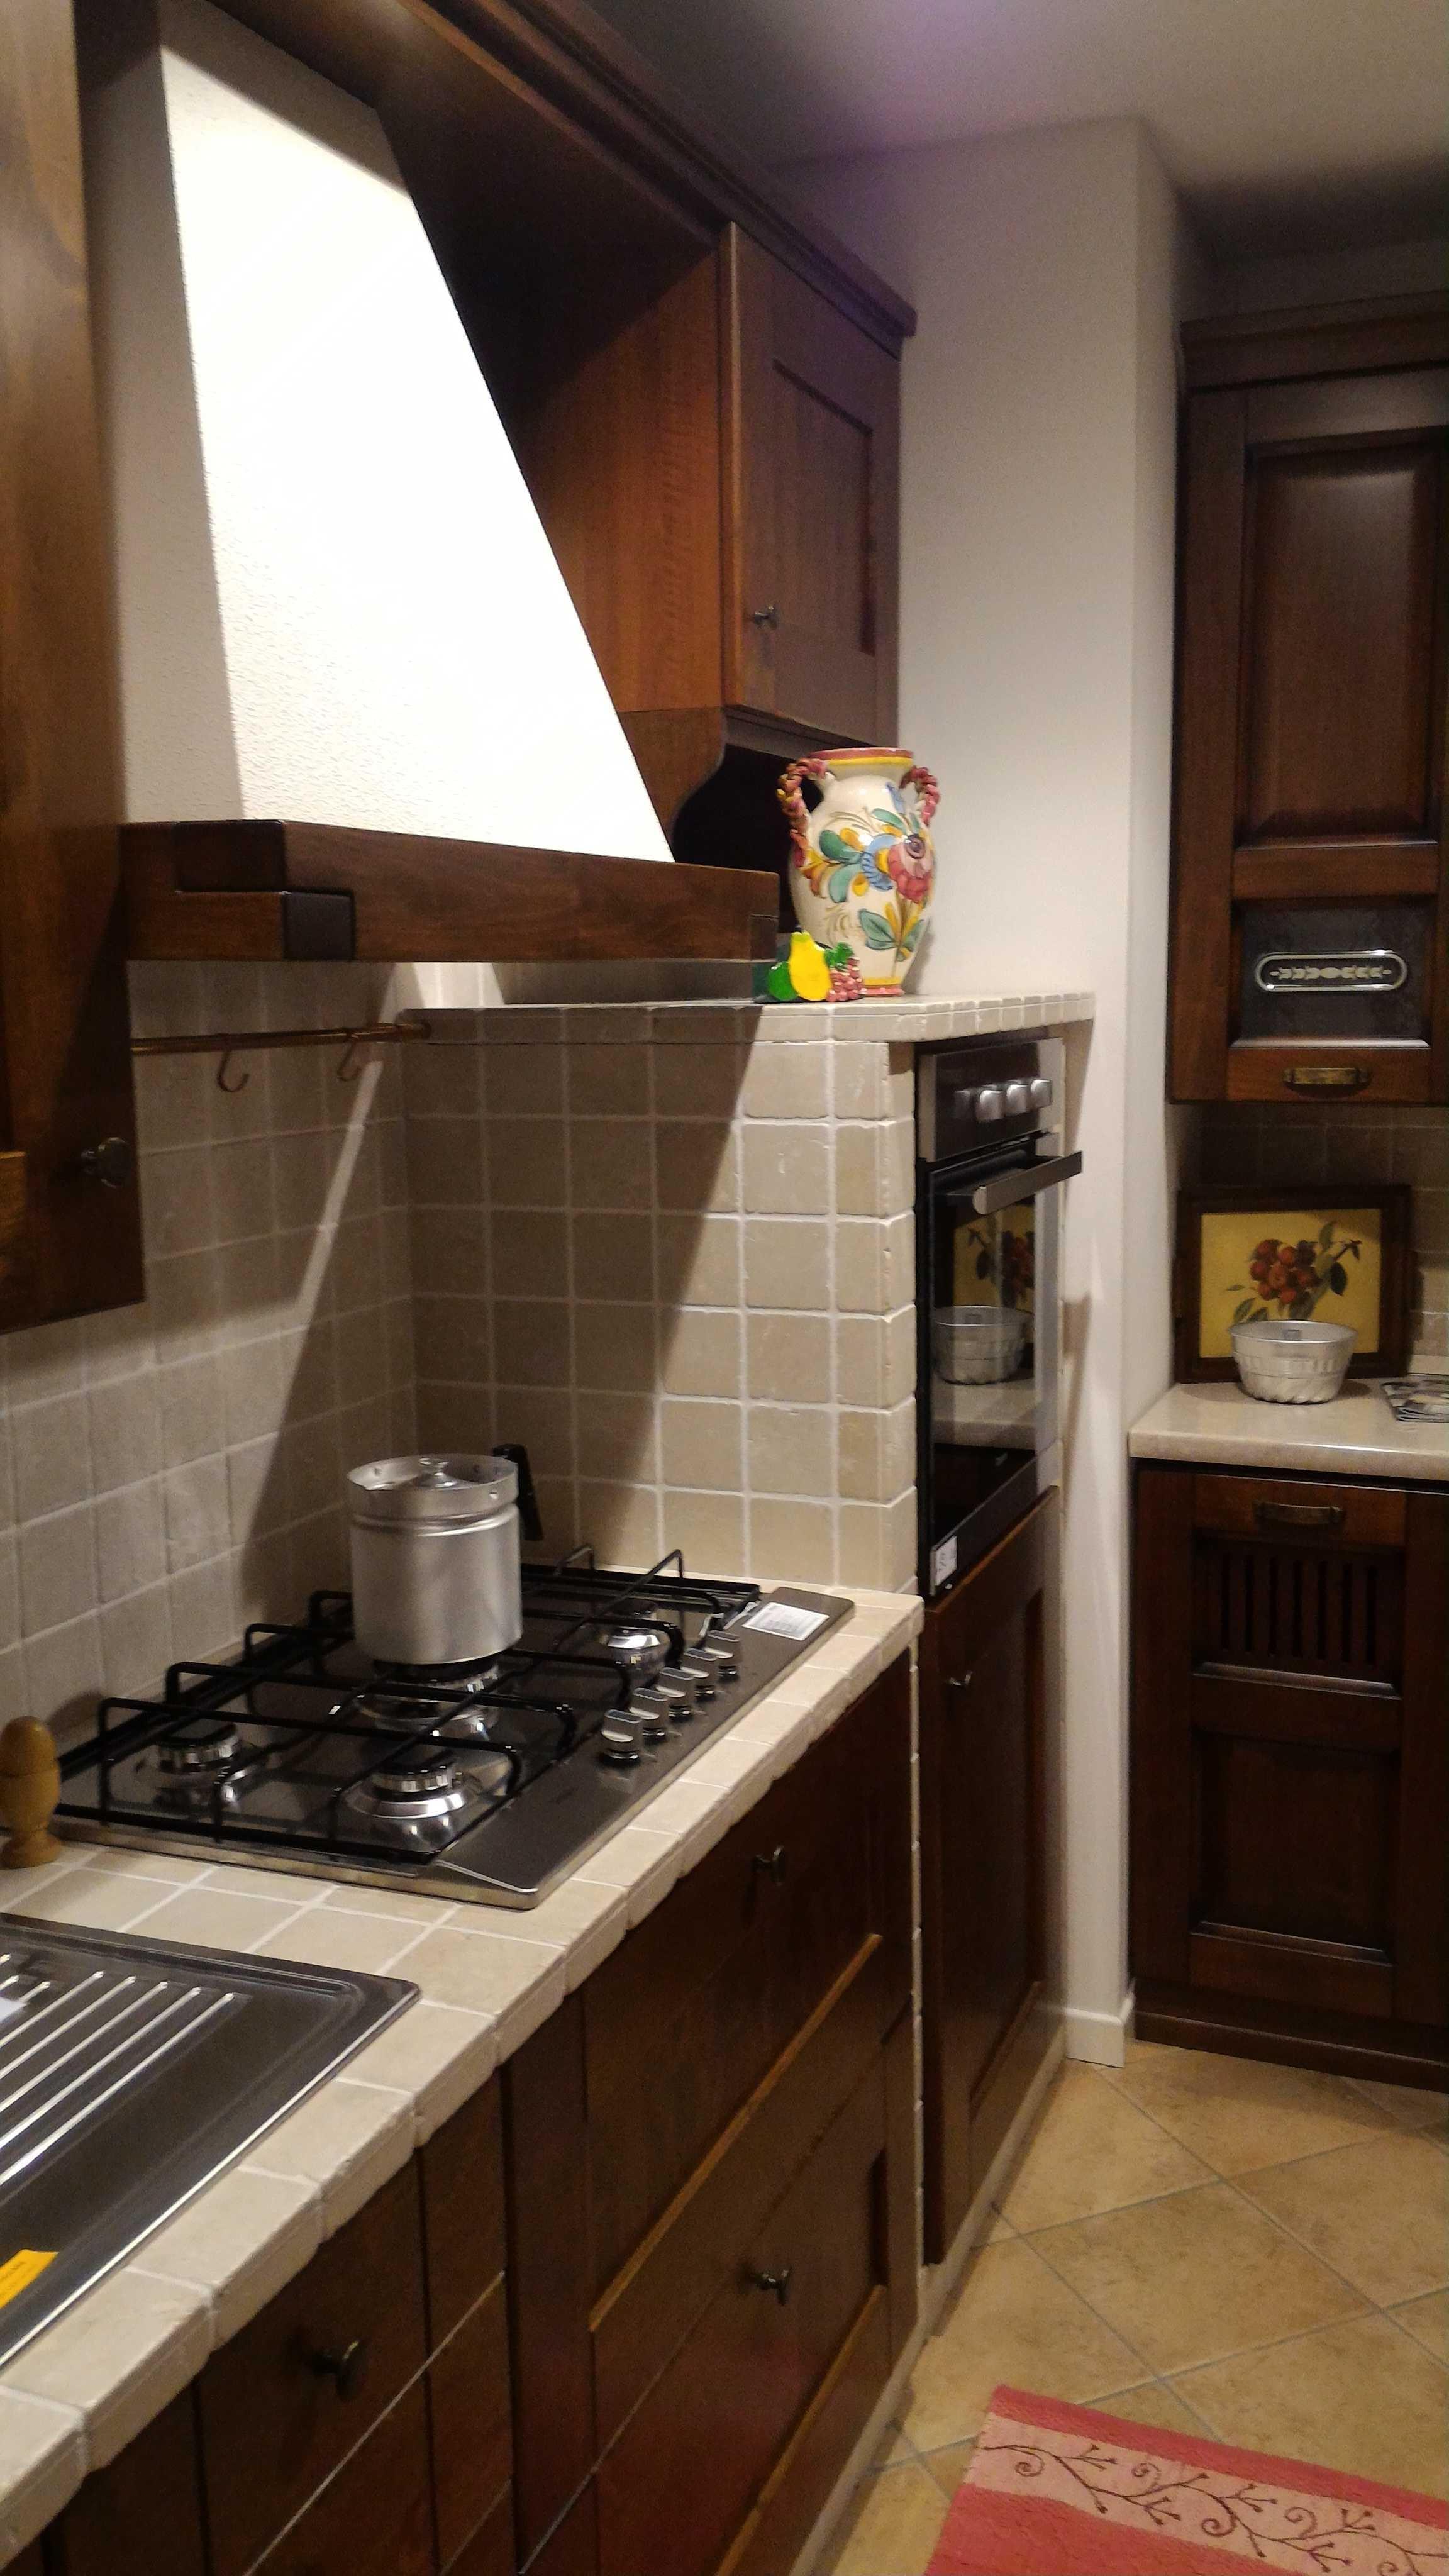 Costi Cucina In Muratura. Emejing Cucine In Muratura Costi Ideas ...